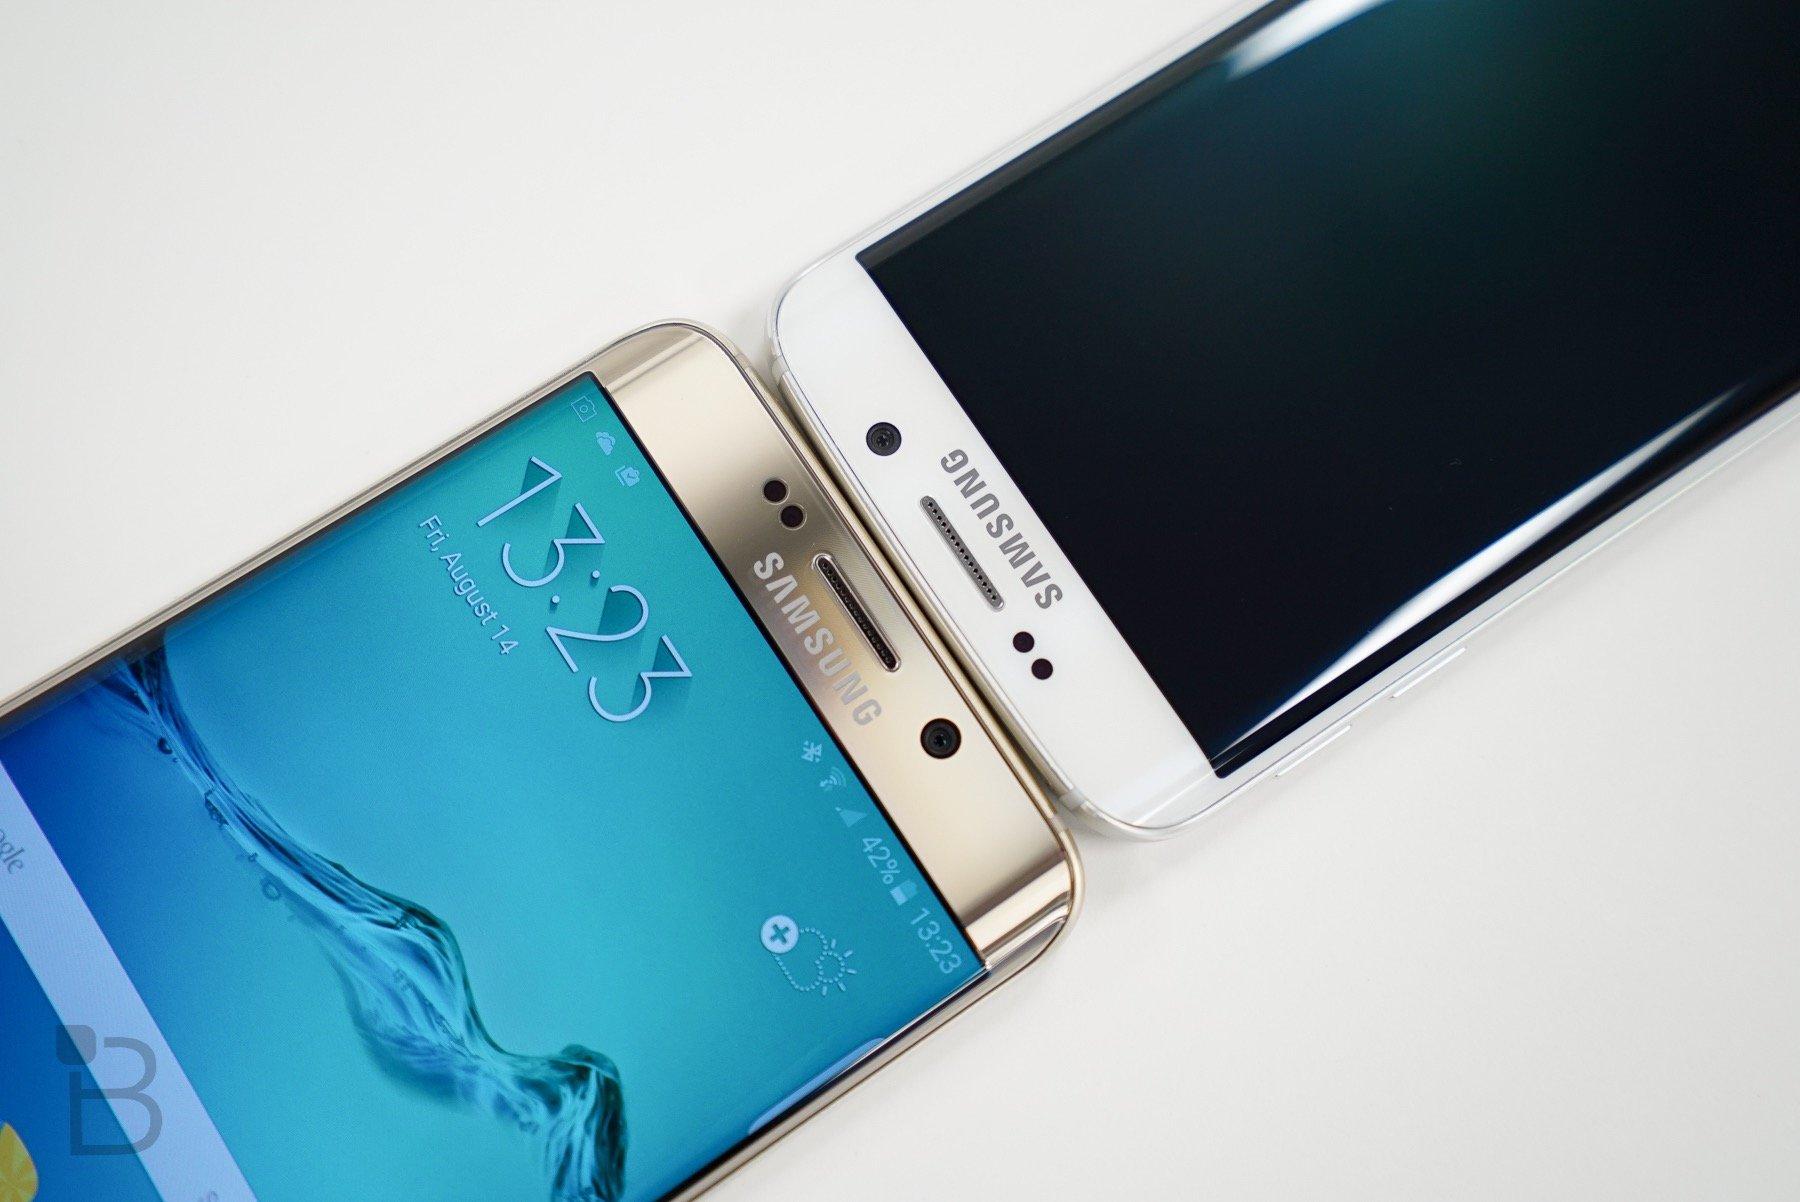 Galaxy S7 WiFi Calling Update